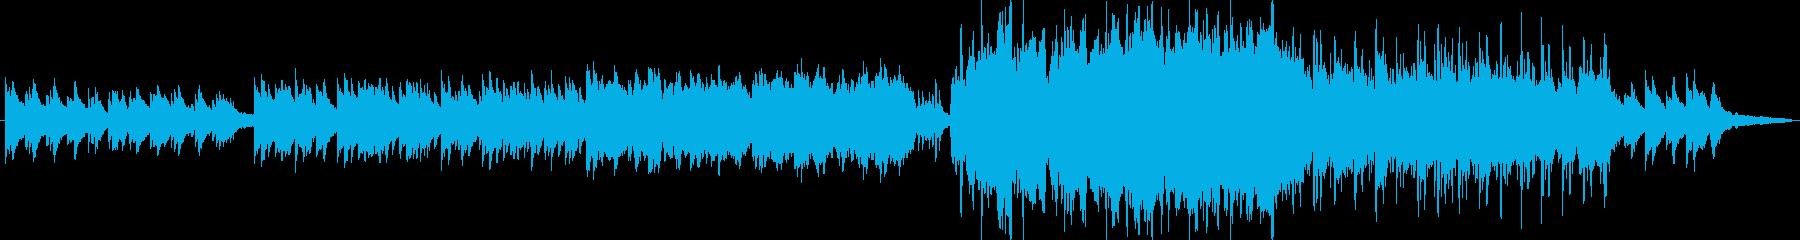 ピアノとオーケストラのほのぼの楽曲の再生済みの波形